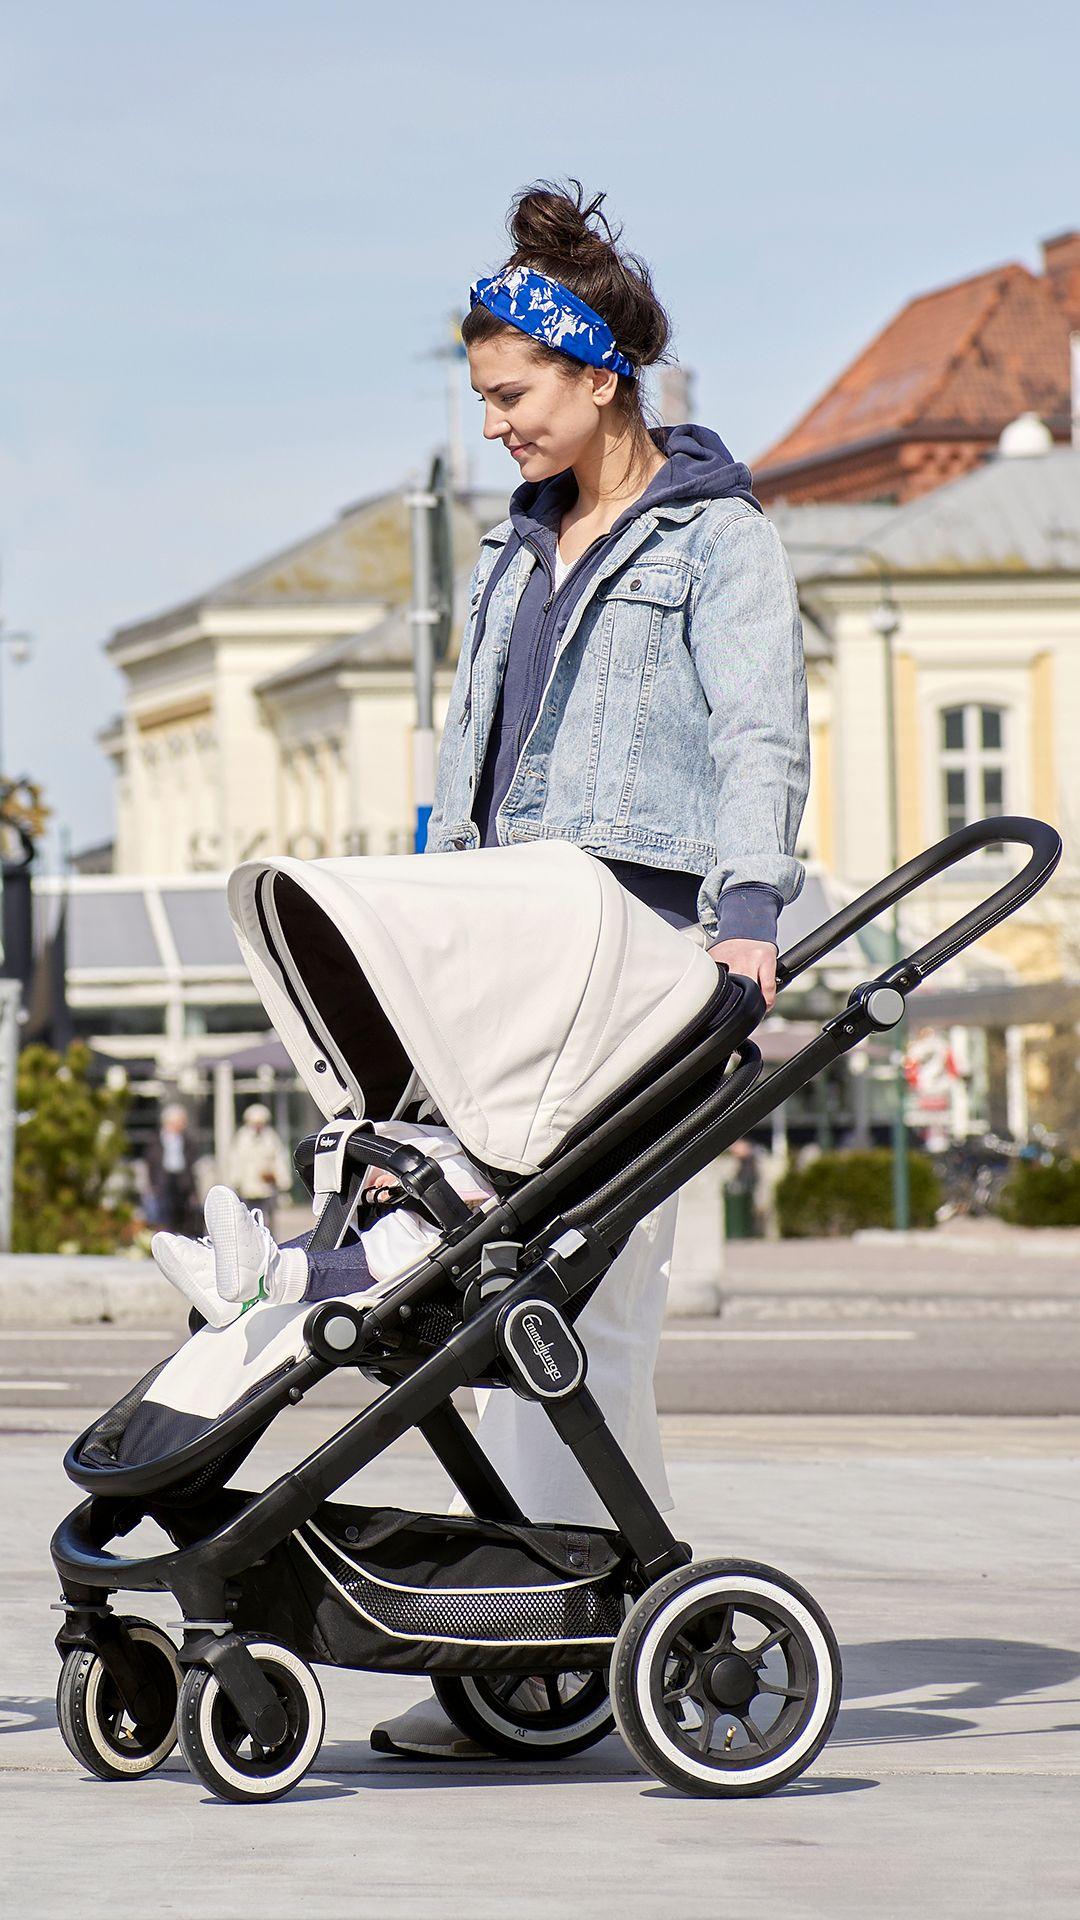 NXT60 stroller Compact & Lightweight URBAN COMFORT